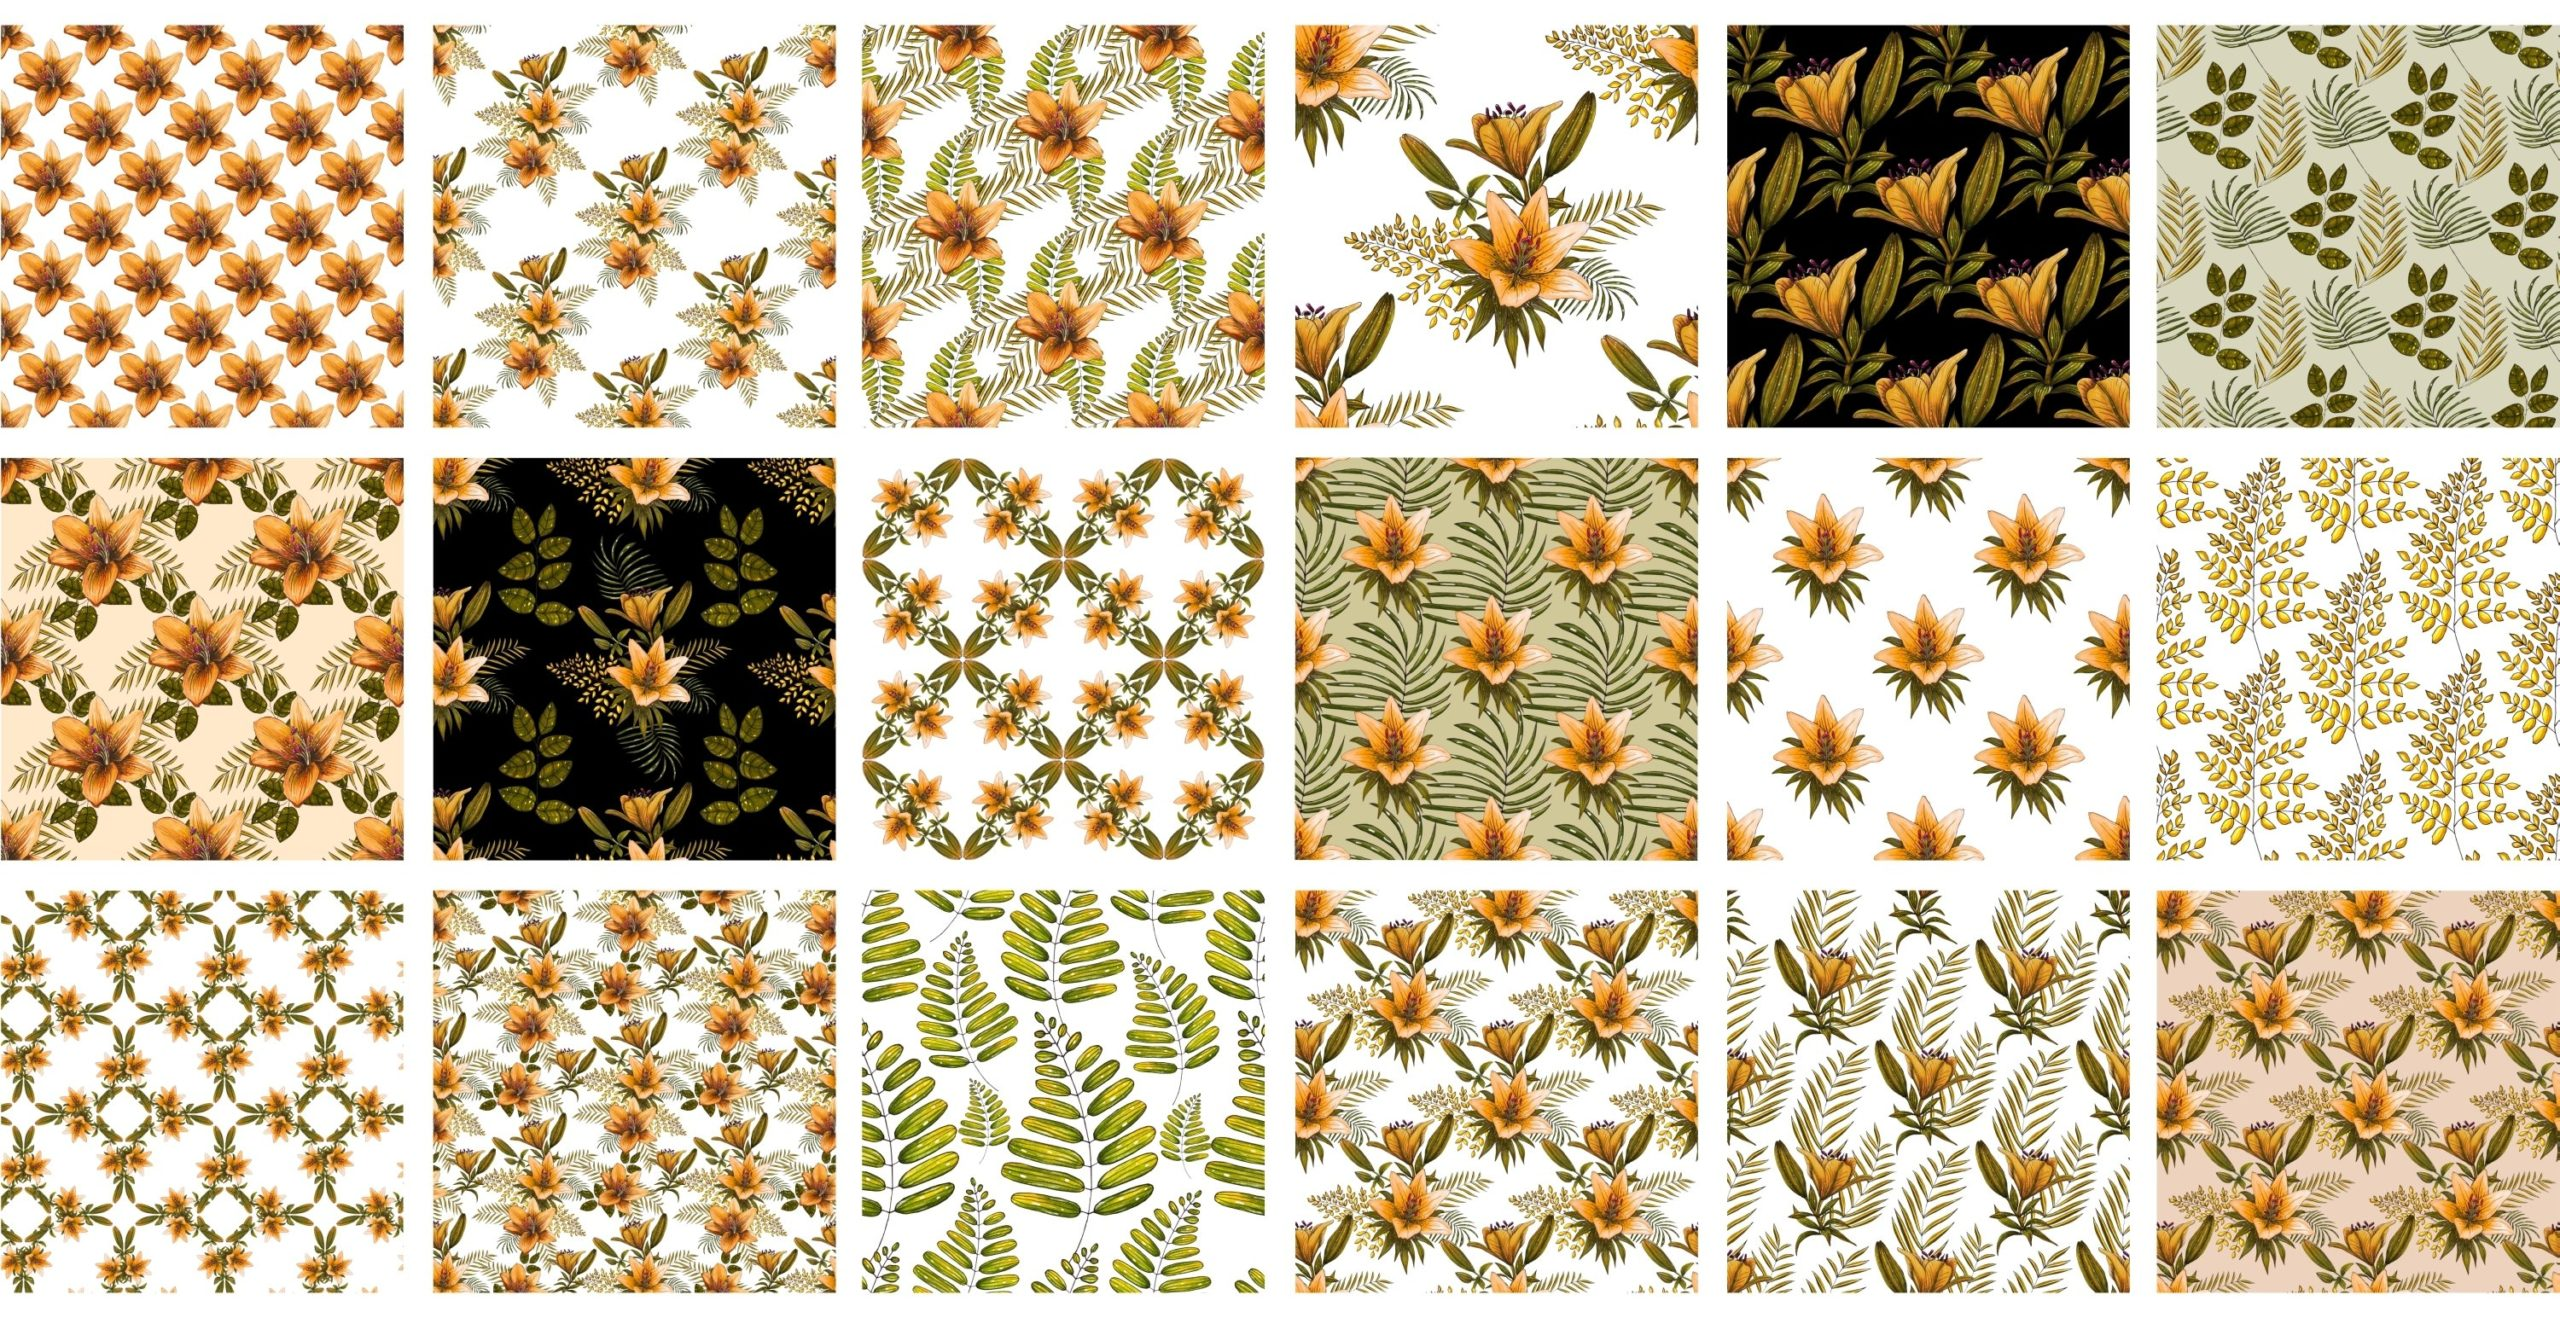 橙色无缝隙百合花手绘水彩画图片设计素材 Orange Lilies. Patterns and Postcards插图10